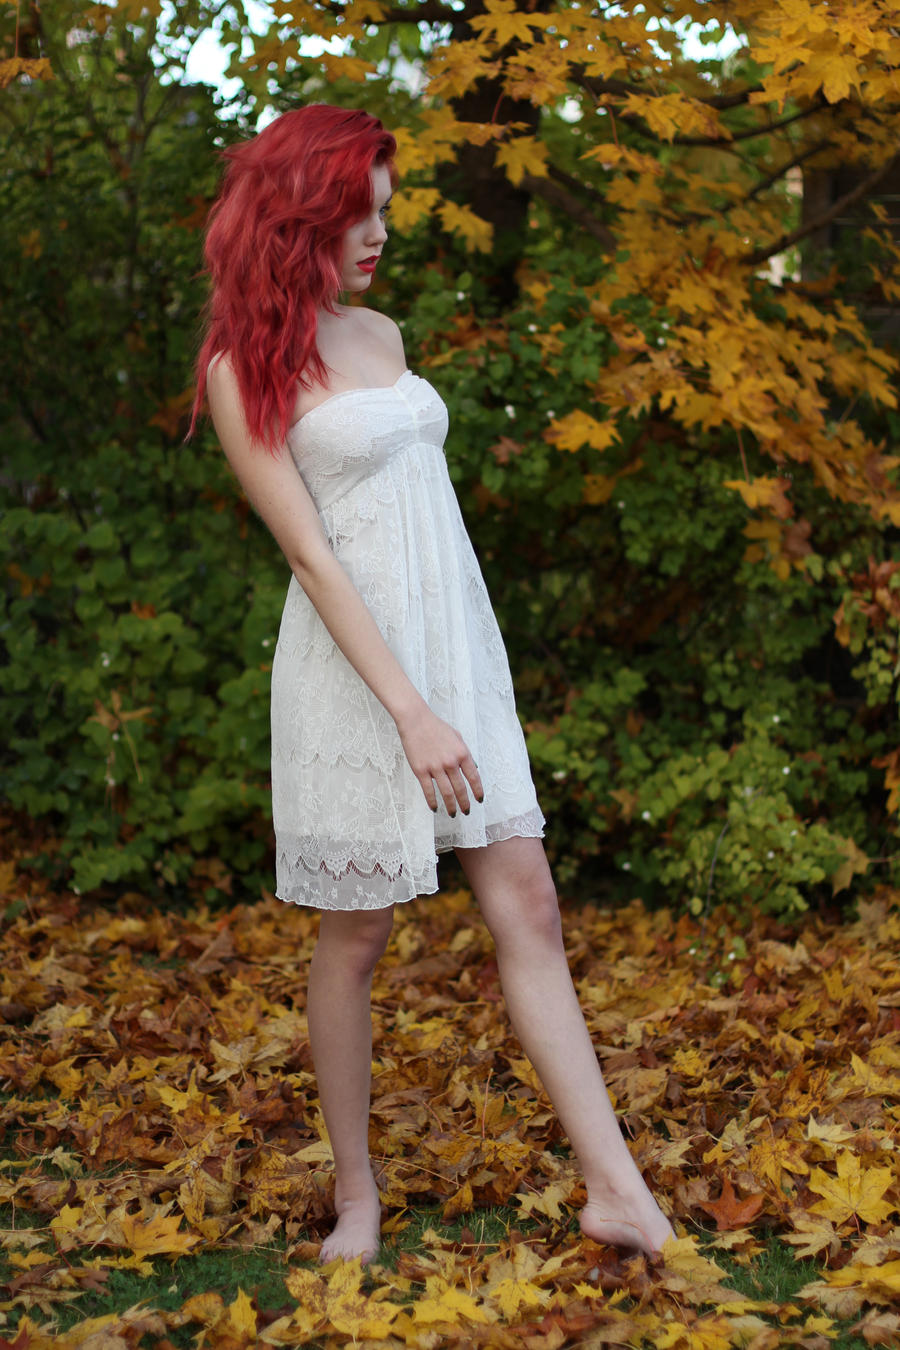 Autumn 9 - stock by Mirish